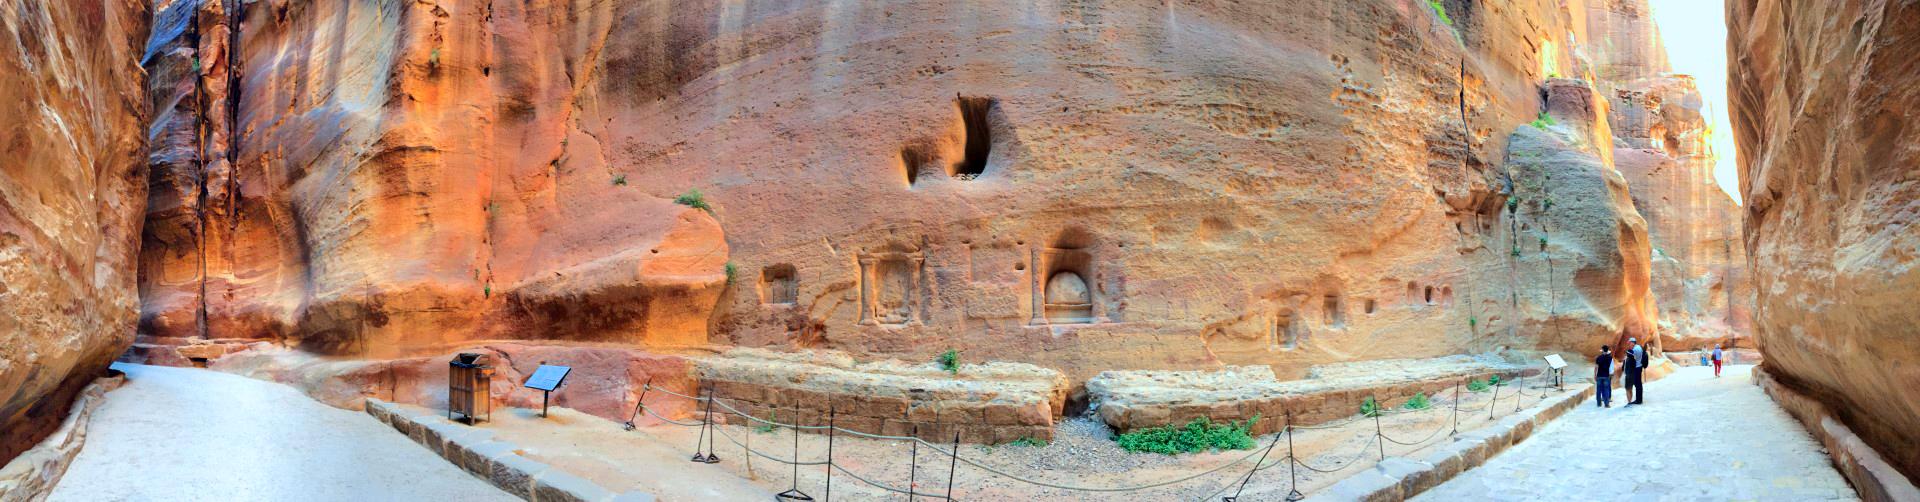 El Siq en Petra, Jordania petra, jordania - 28375074215 85e320c25f o - Petra, Jordania